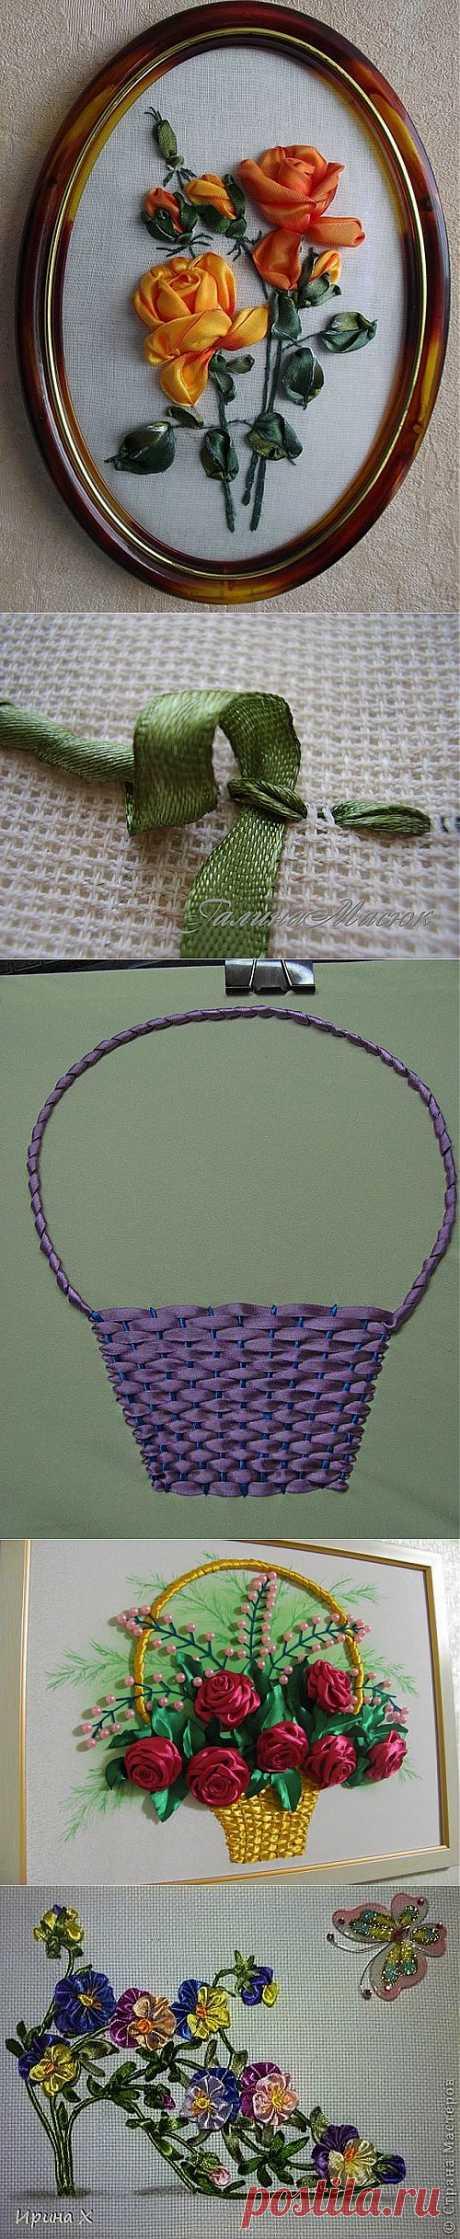 Вышивка лентами: мастер-класс по простым и обвитым наметочным стежкам